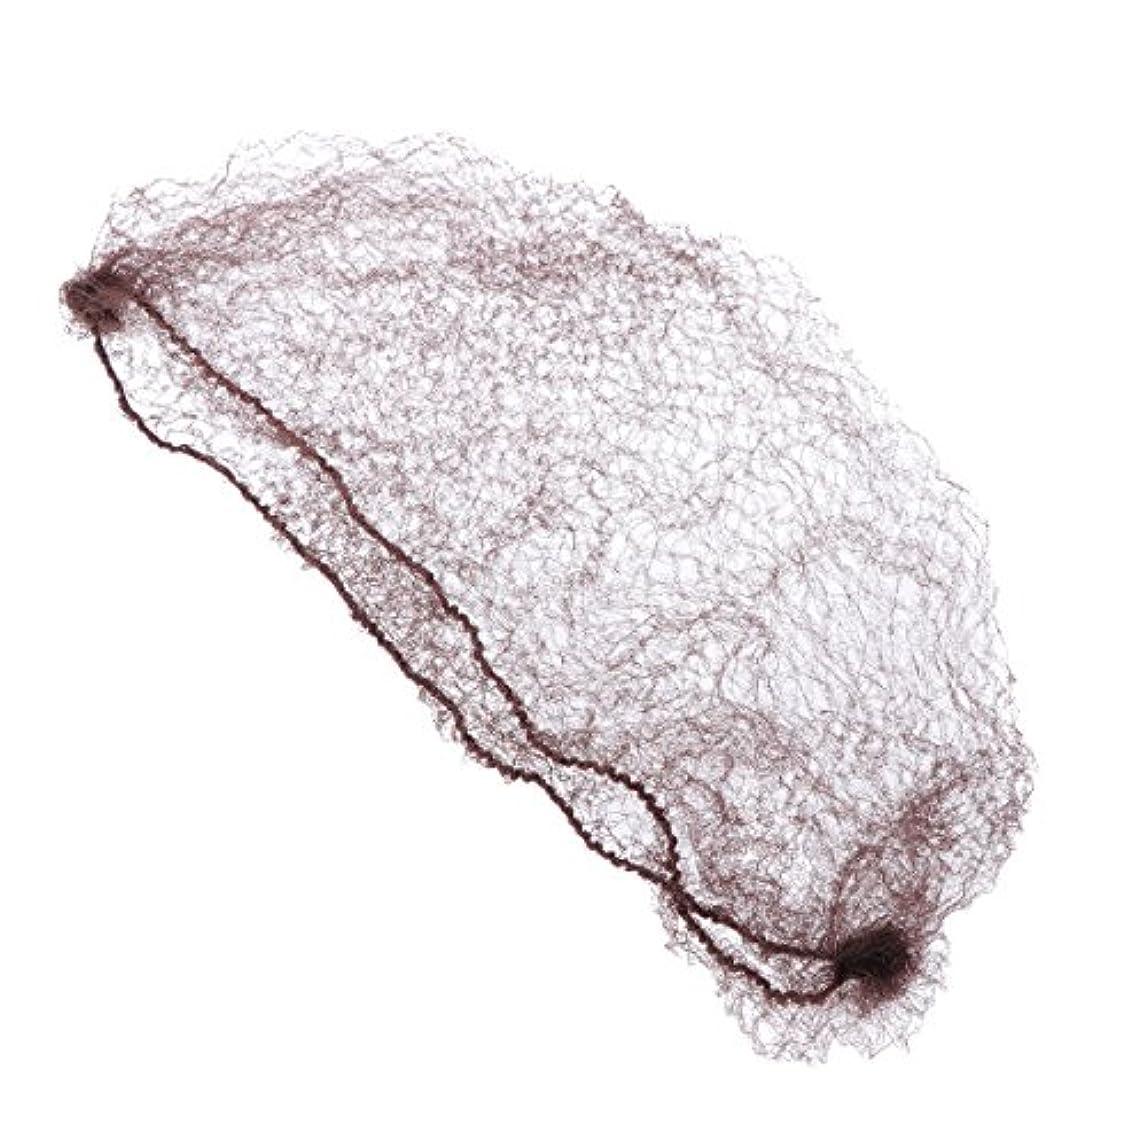 部屋を掃除するデクリメント睡眠Frcolor ヘアネット 髪束ねネット 目に見えない 弾性 団子ドレスアップ アクセサリー 再利用可能 50本 (コーヒー/ 50cm)